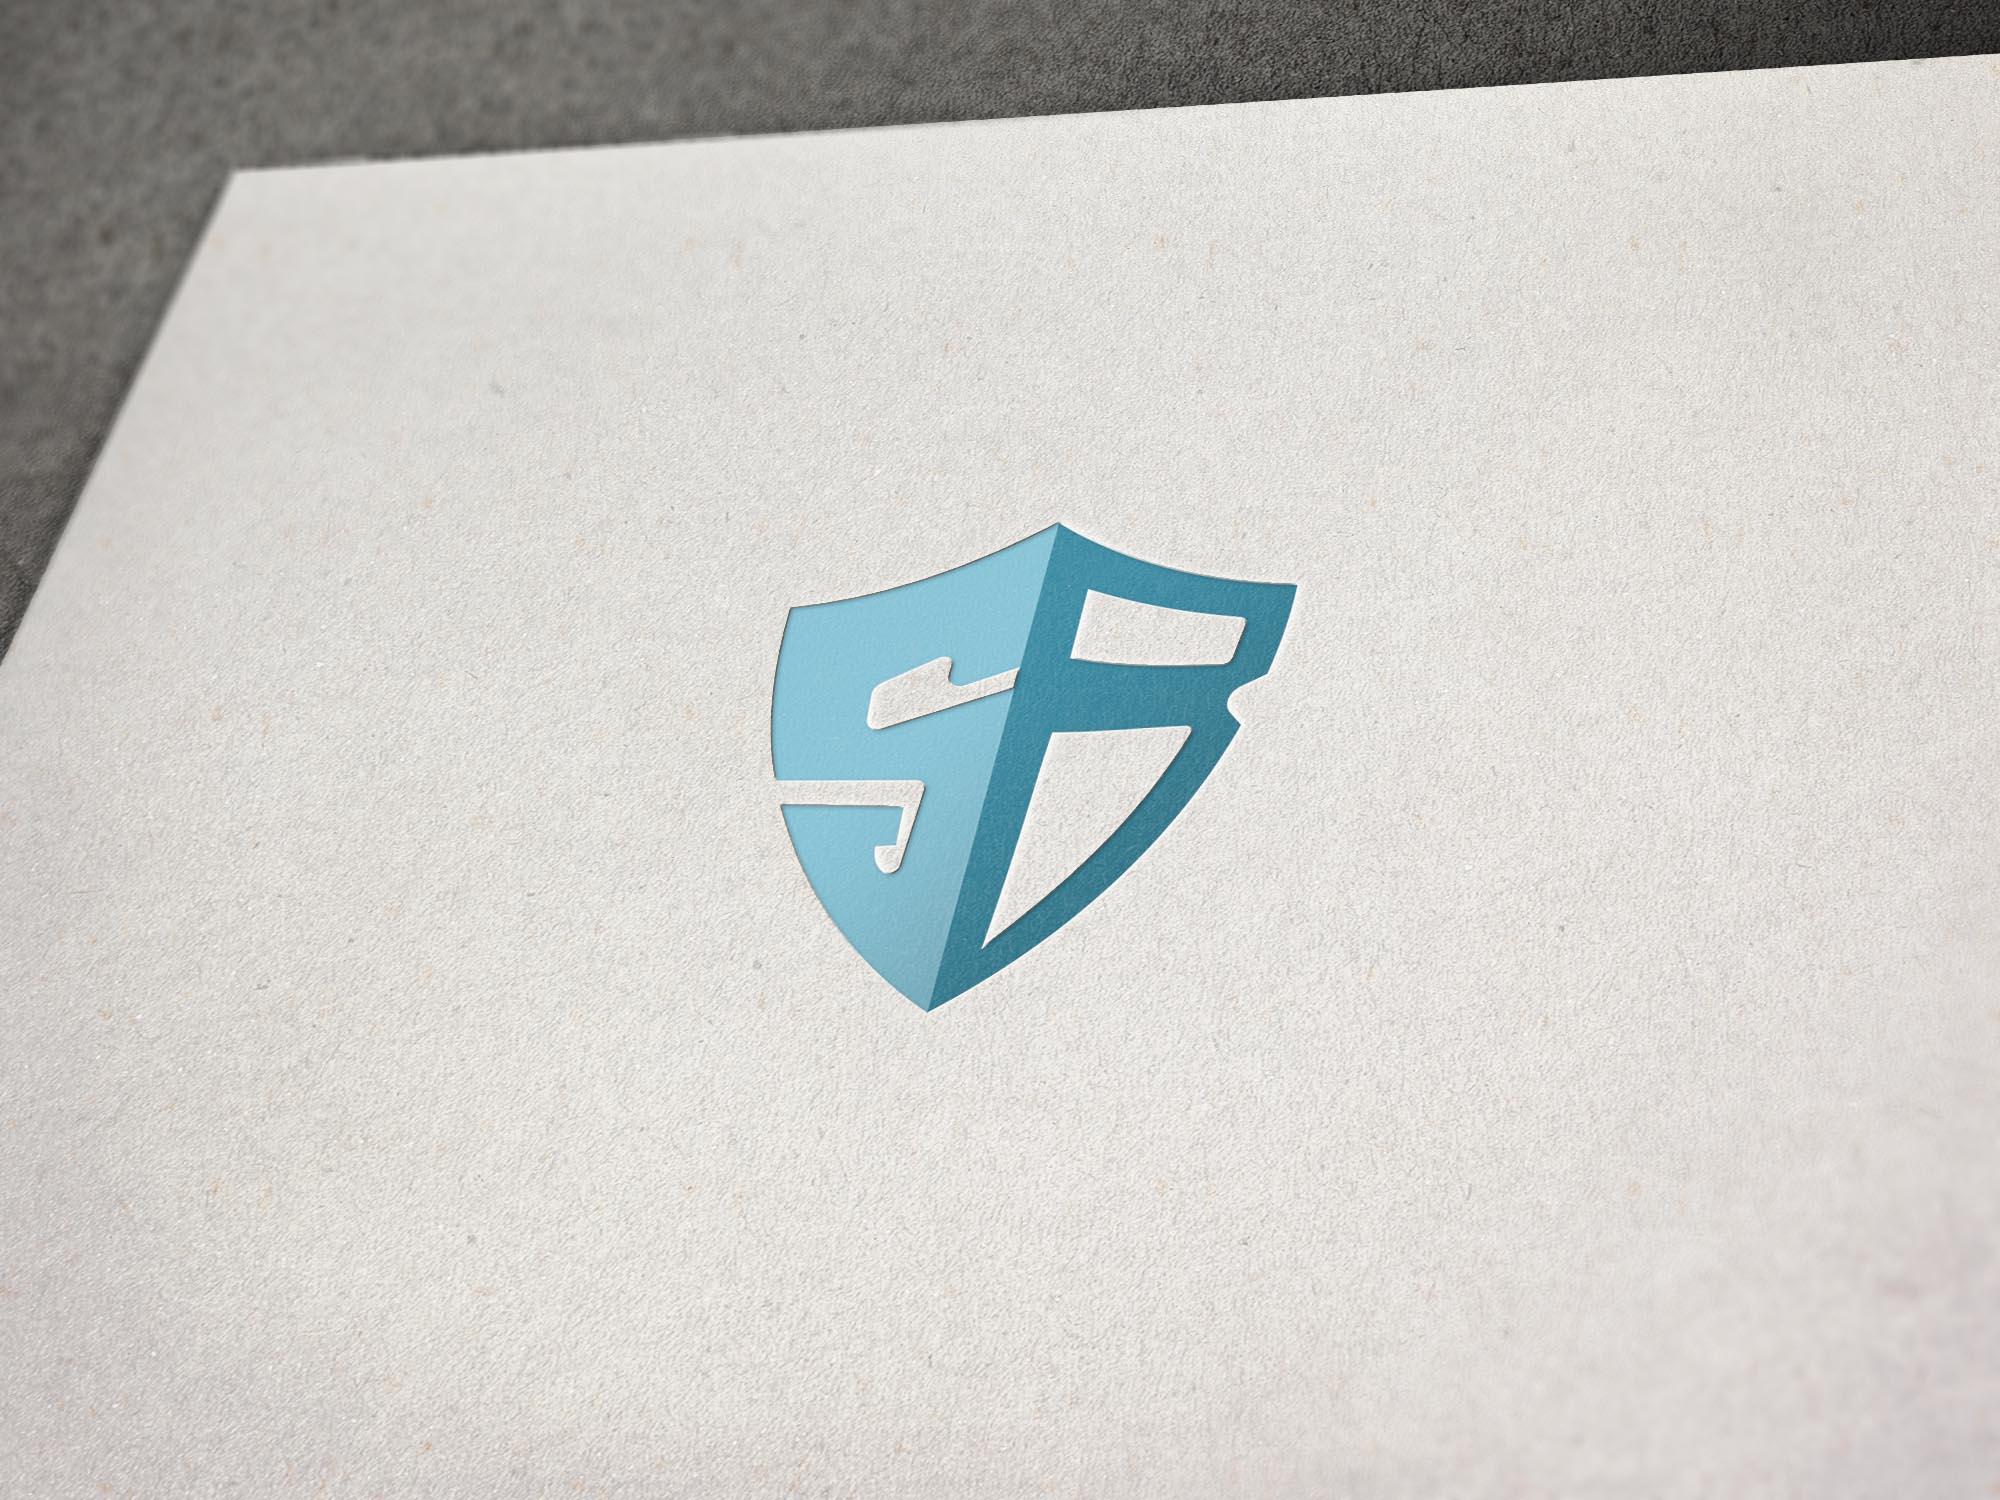 Логотип + Визитка Портала безопасных сделок фото f_538535ee8cf11b3f.jpg